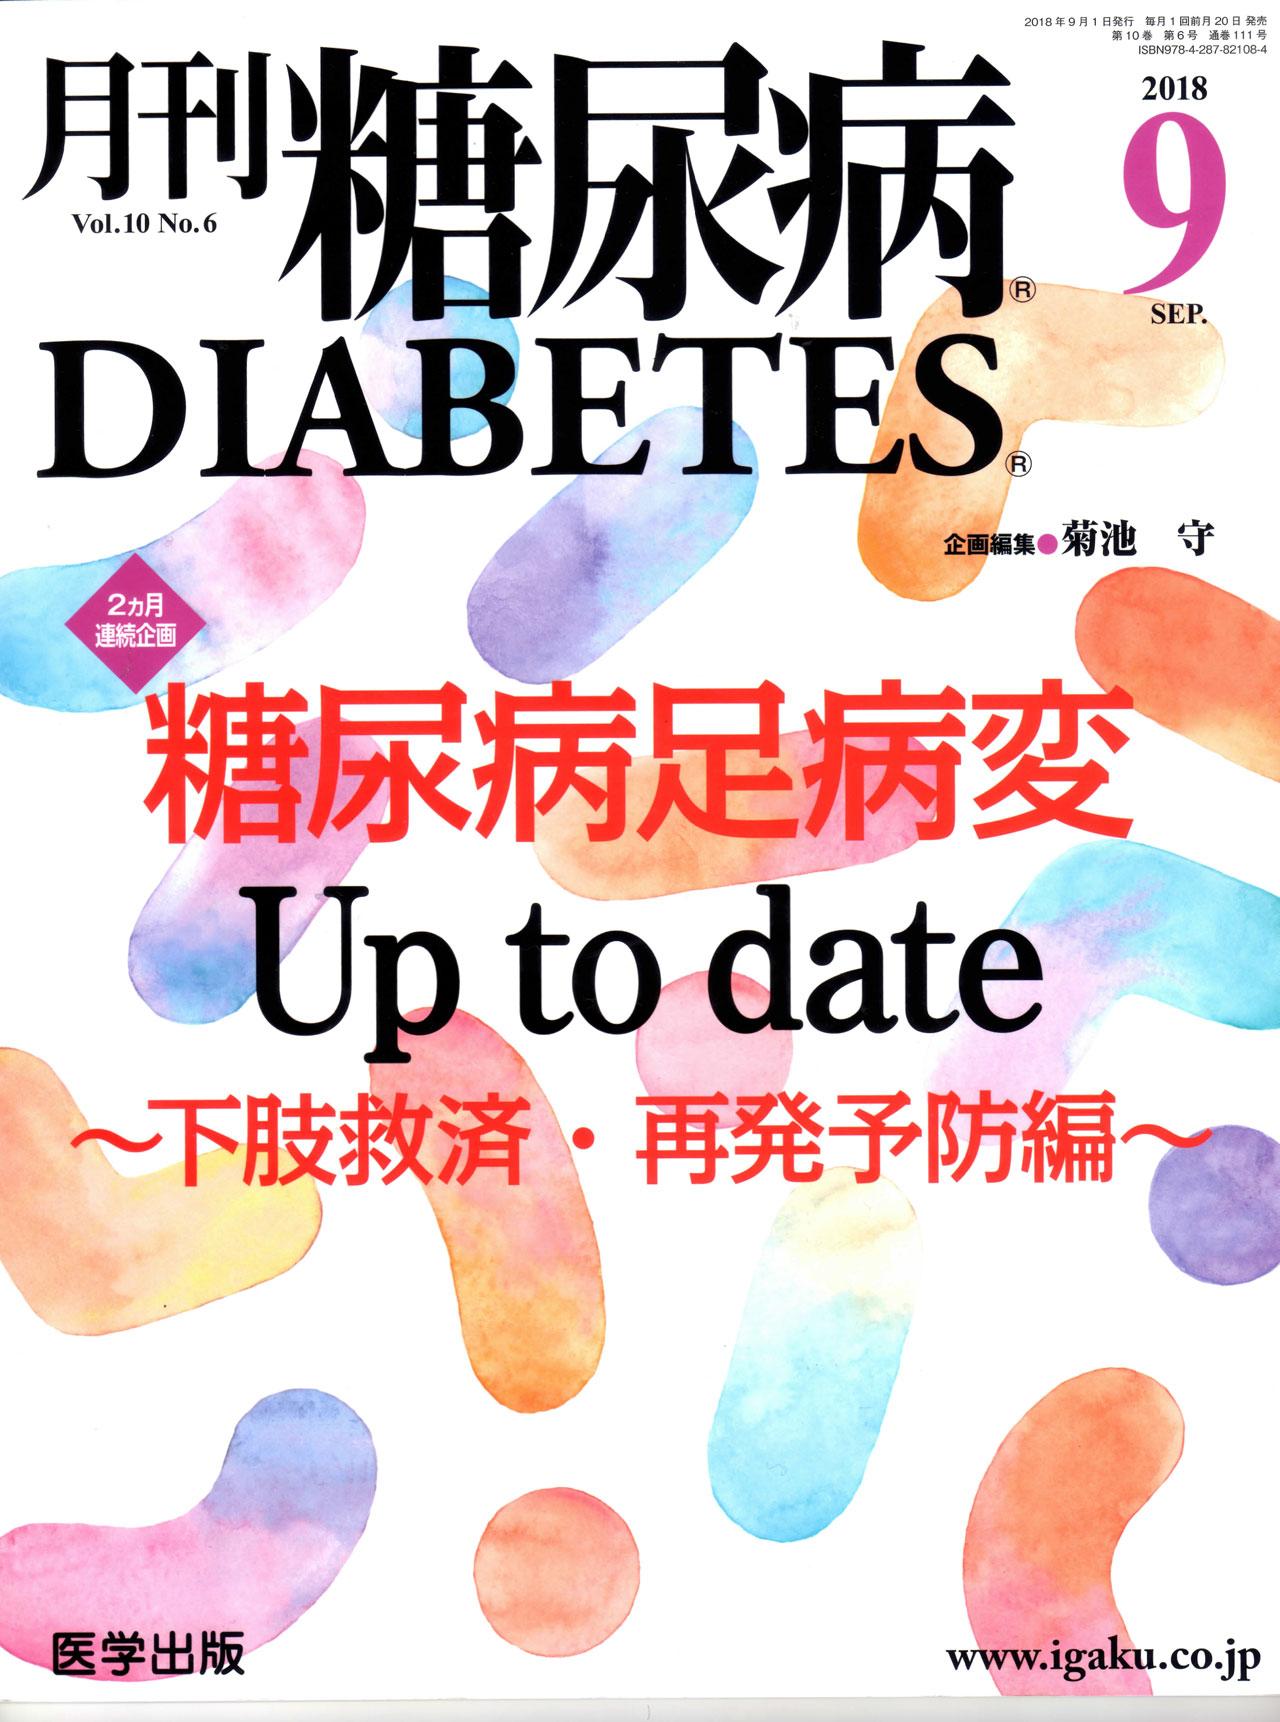 アシストエンターナショナル株式会社 月刊糖尿病より記事抜粋